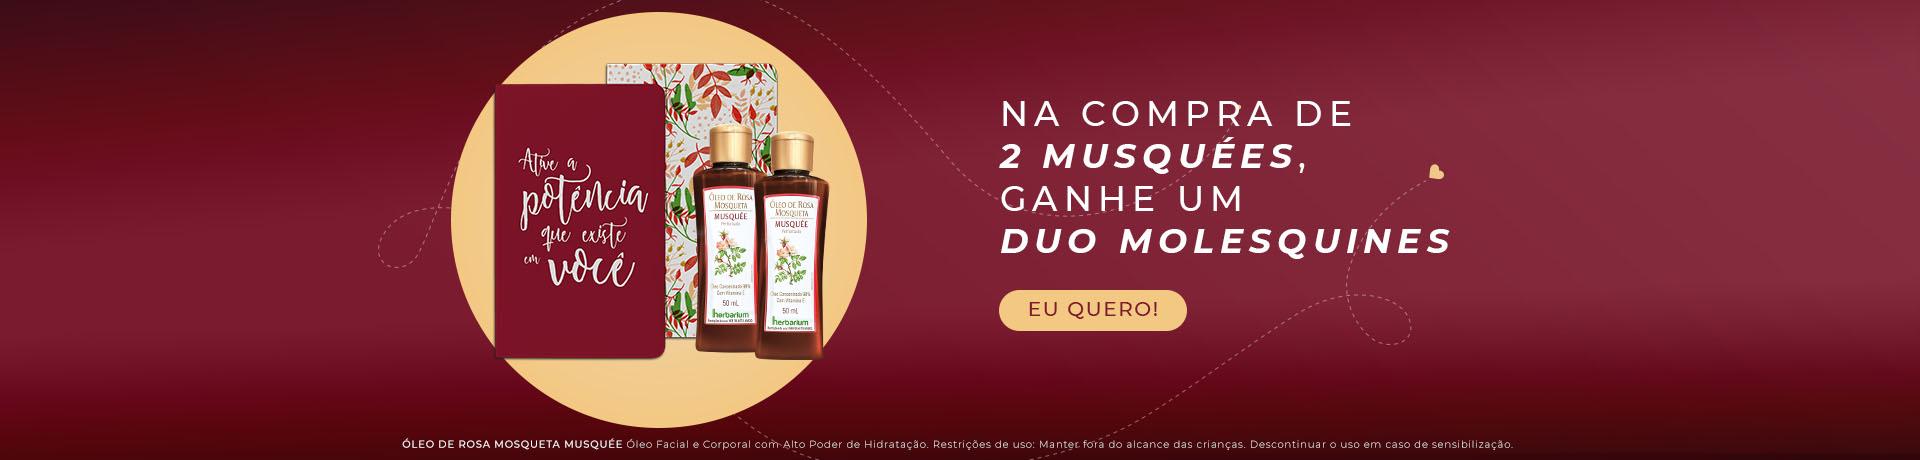 Duo Molesquiine